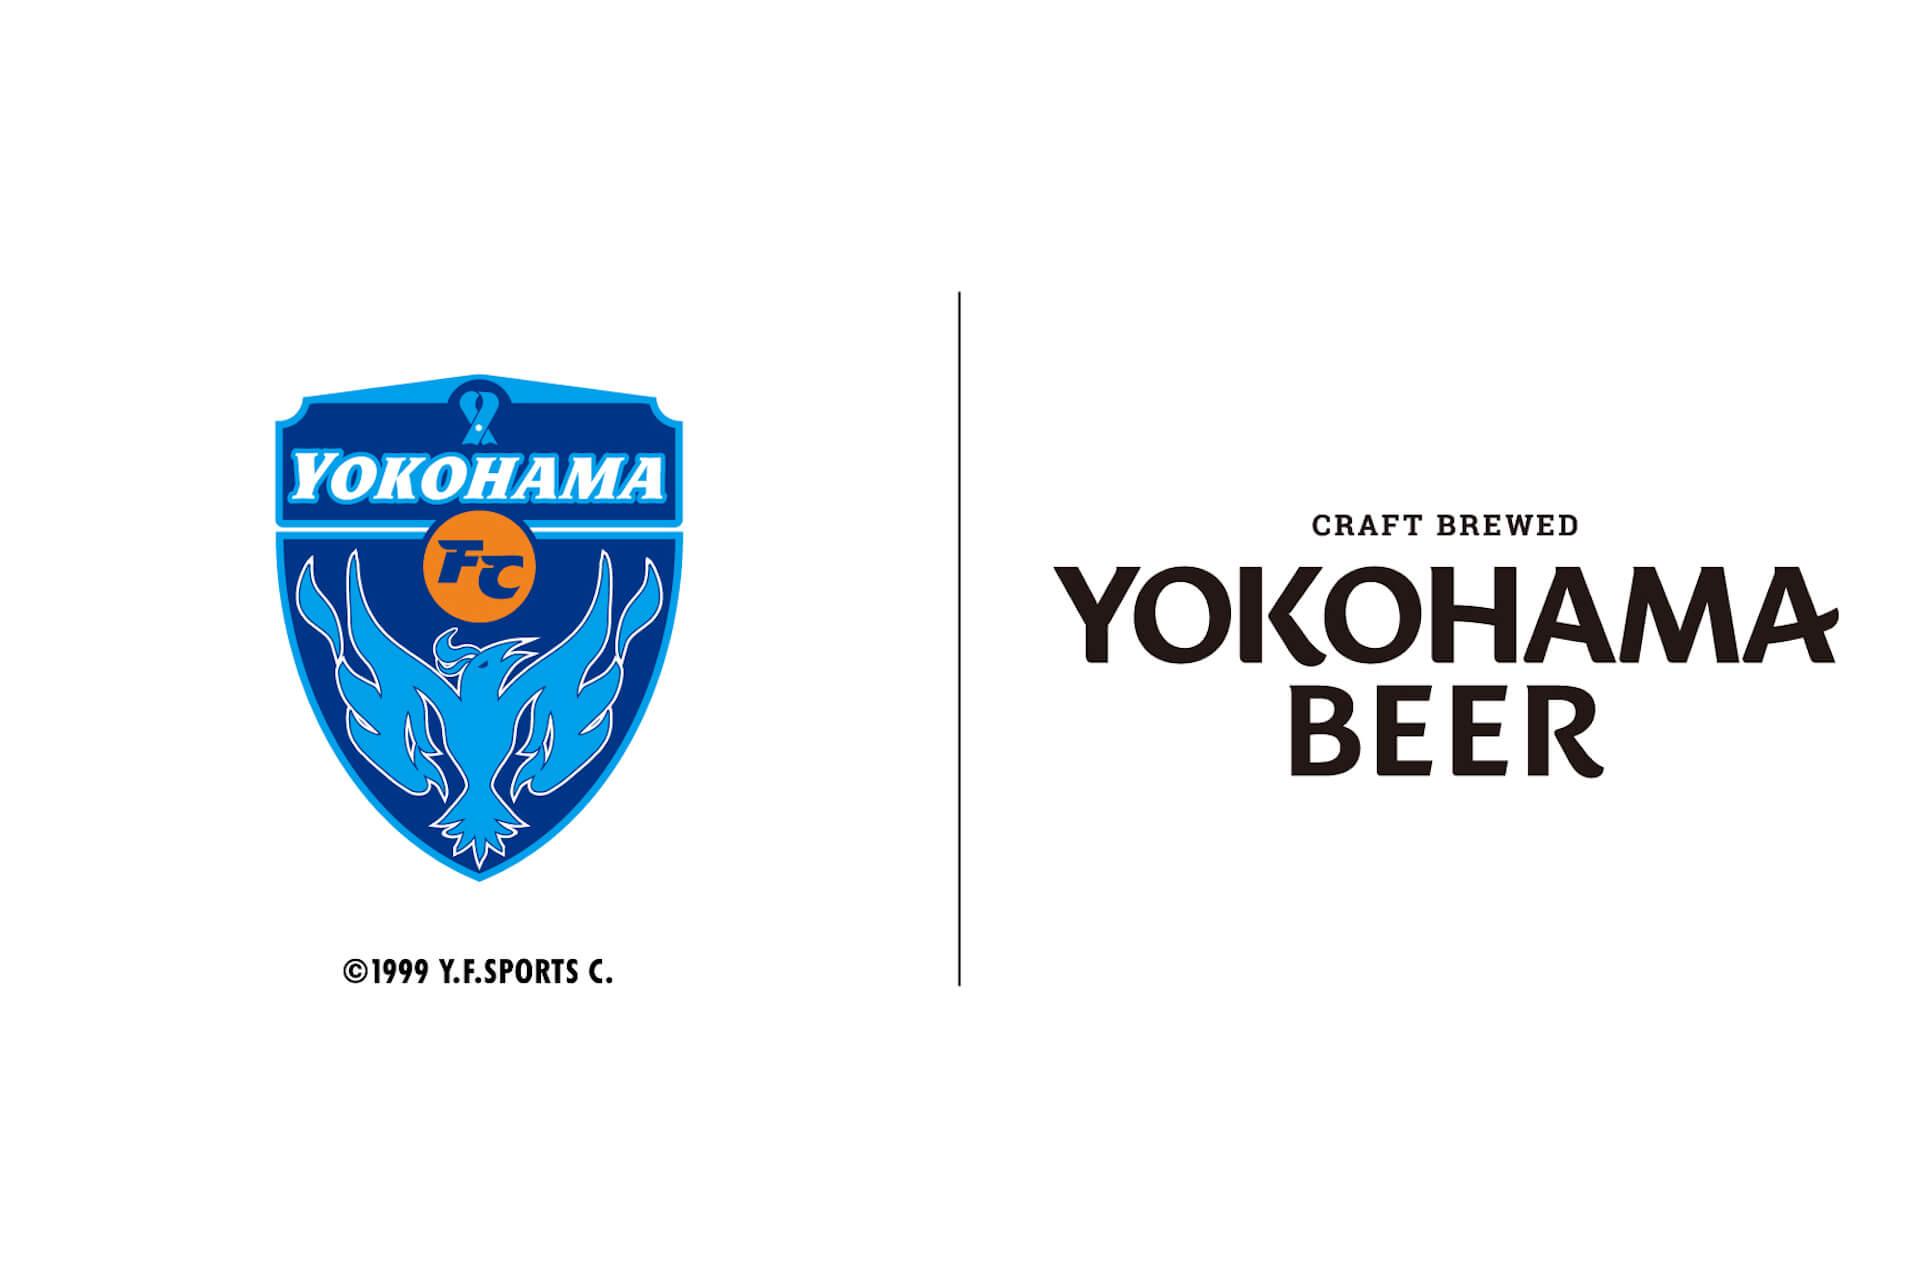 横浜FC×横浜ビールがコラボ!オリジナルビール「Under The Sky Beer~SUNNY Session IPA~」が発売に gourmet210426_yokohamabeer-210426_4